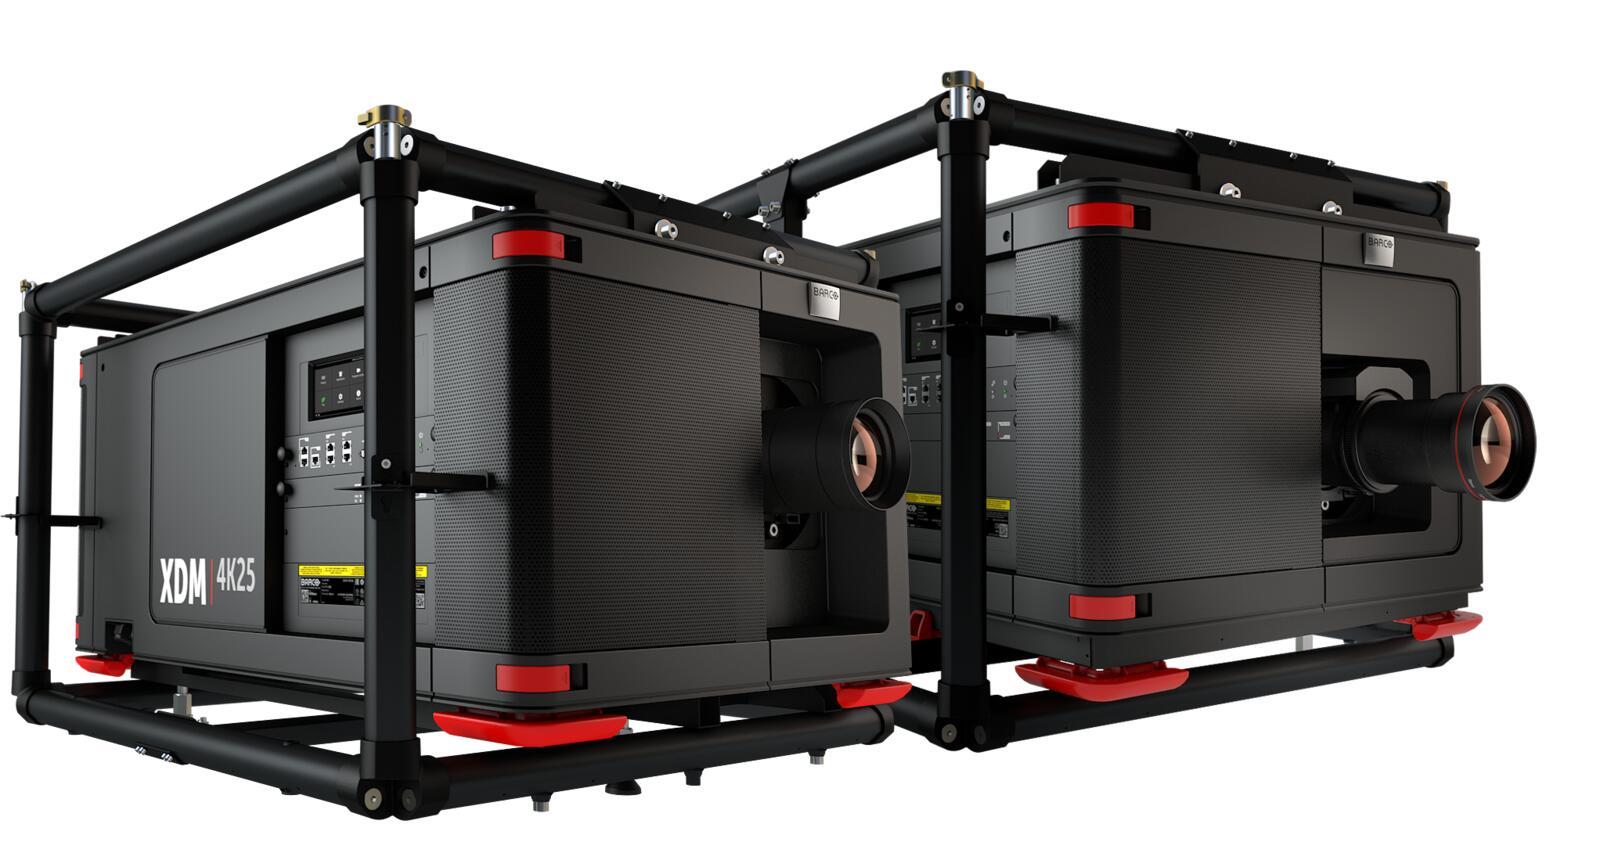 巴可推出旗舰三色激光工程投影机:原生4K+Rec.2020色彩-视听圈